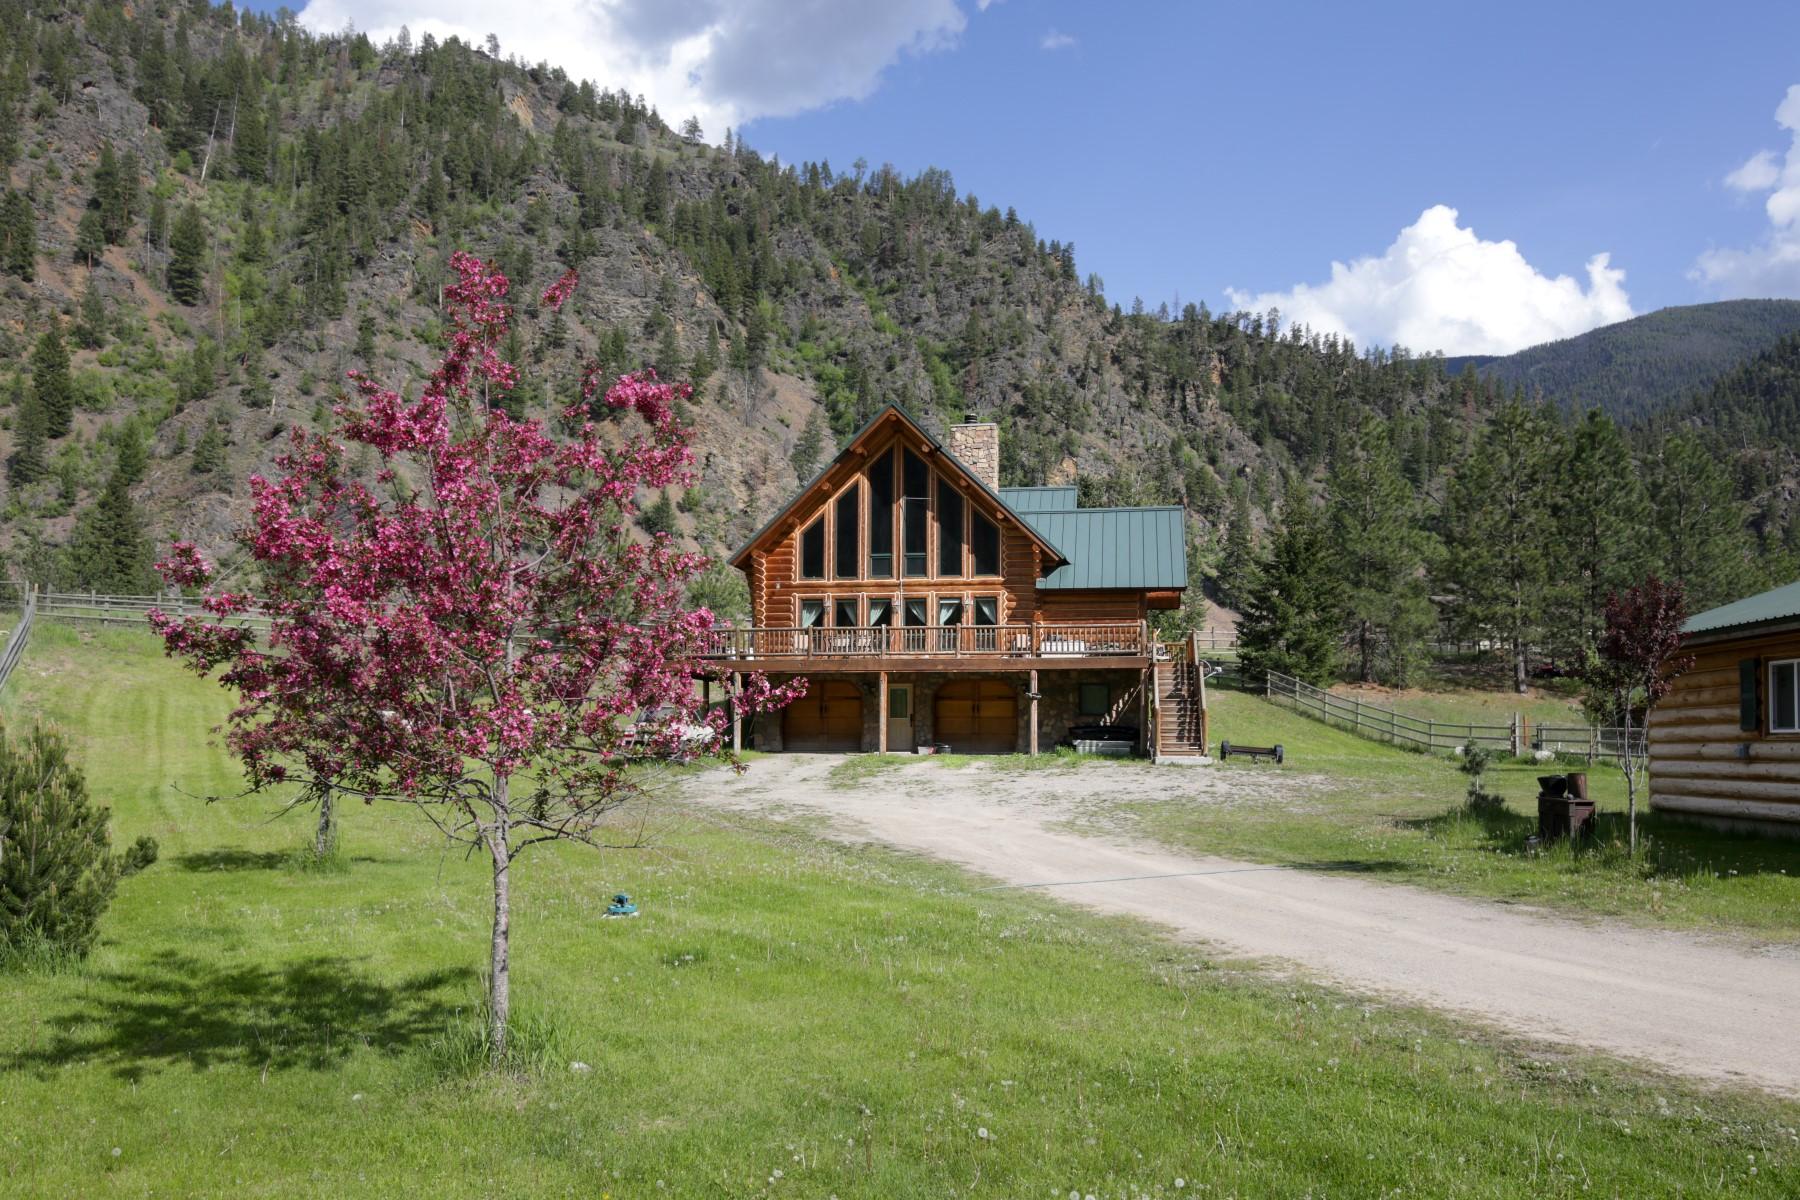 단독 가정 주택 용 매매 에 14 Snook Trail Clinton, 몬타나, 59825 미국